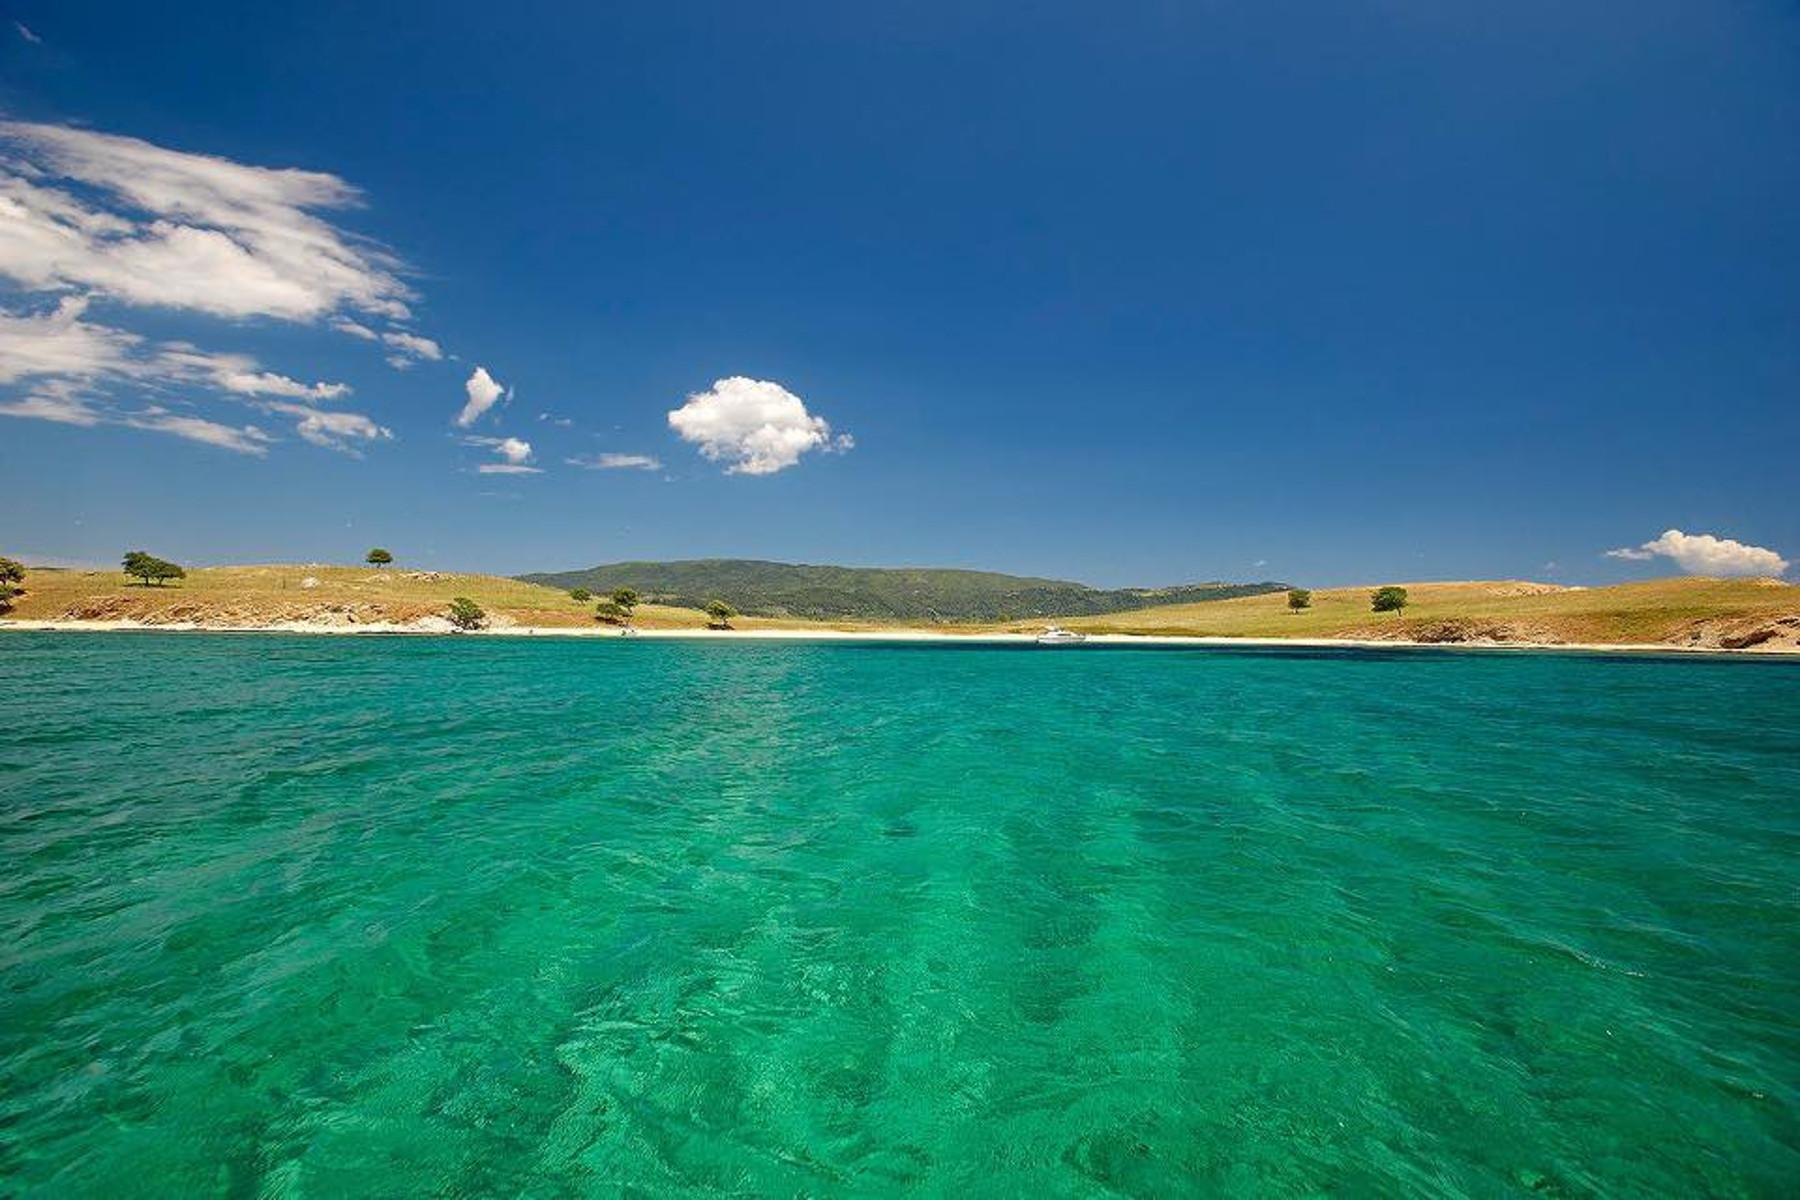 Πρόγνωση καιρού Ελλάδος από Δευτέρα 22/7/19 έως Τετάρτη 24/7/19.Το καλοκαίρι εδραιώνεται.